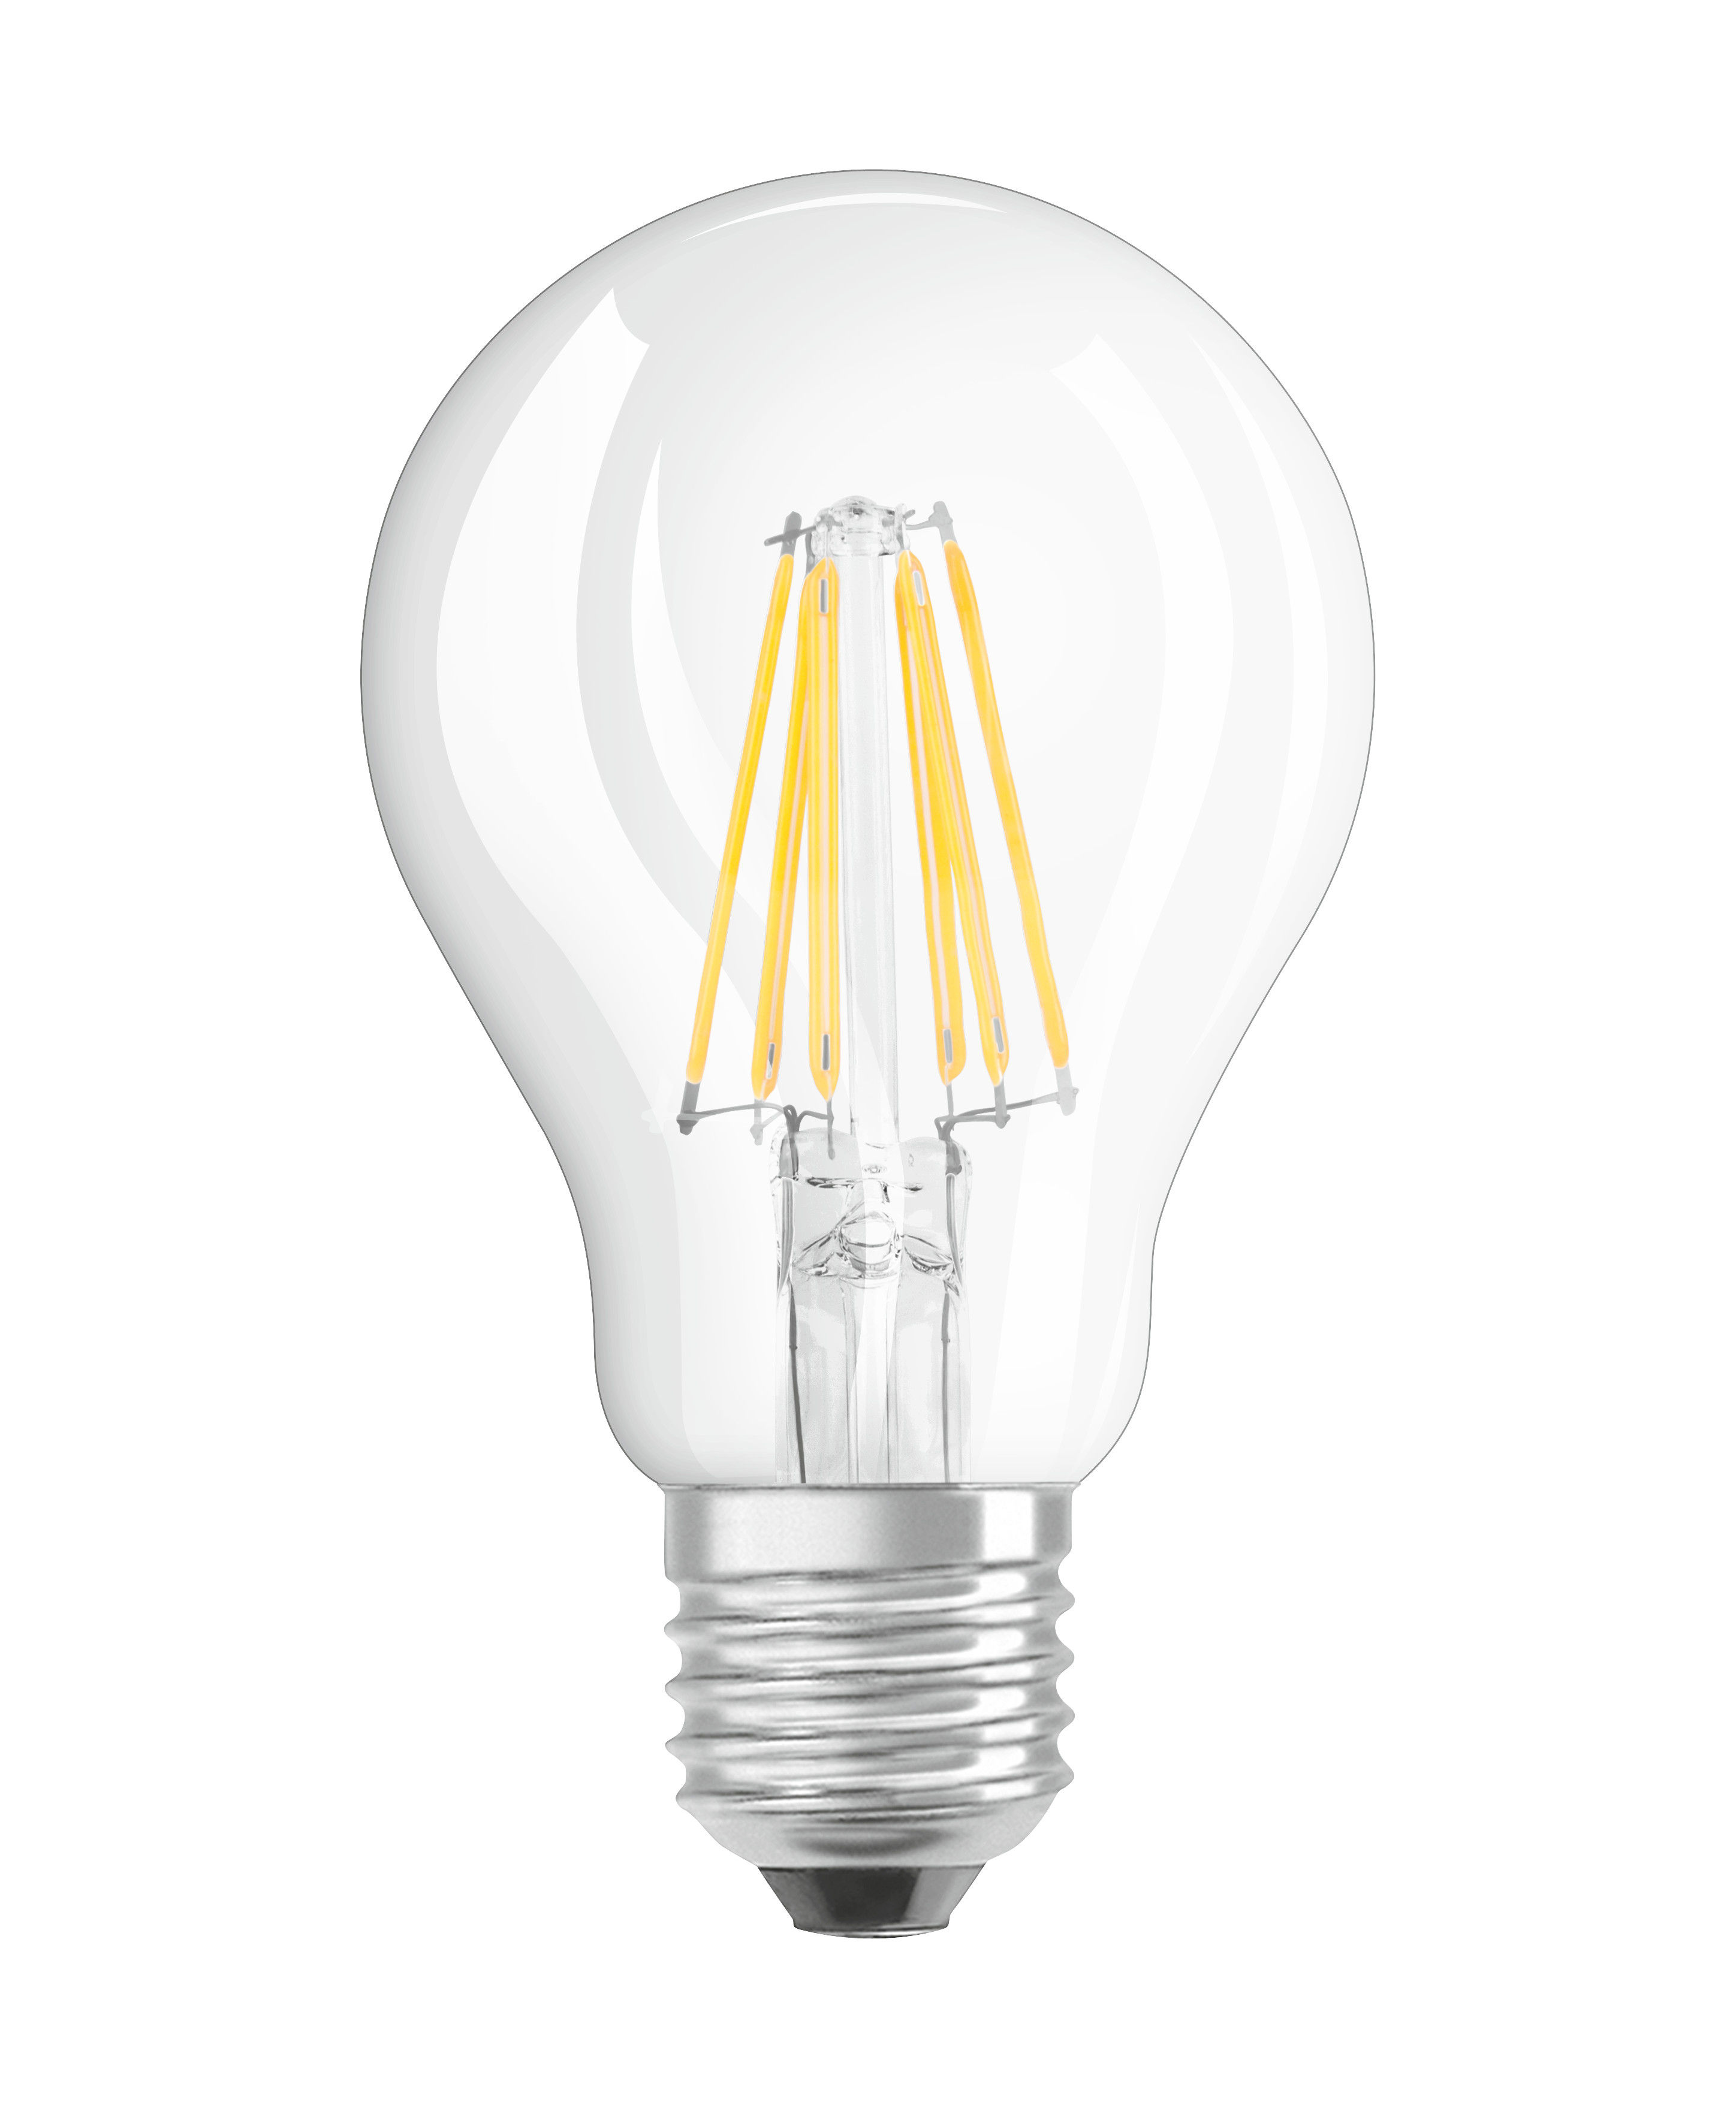 Luminaire - Ampoules et accessoires - Ampoule LED E27 / Standard claire - 7W=60W (2700K, blanc chaud) - Osram - 7W=60W - Verre